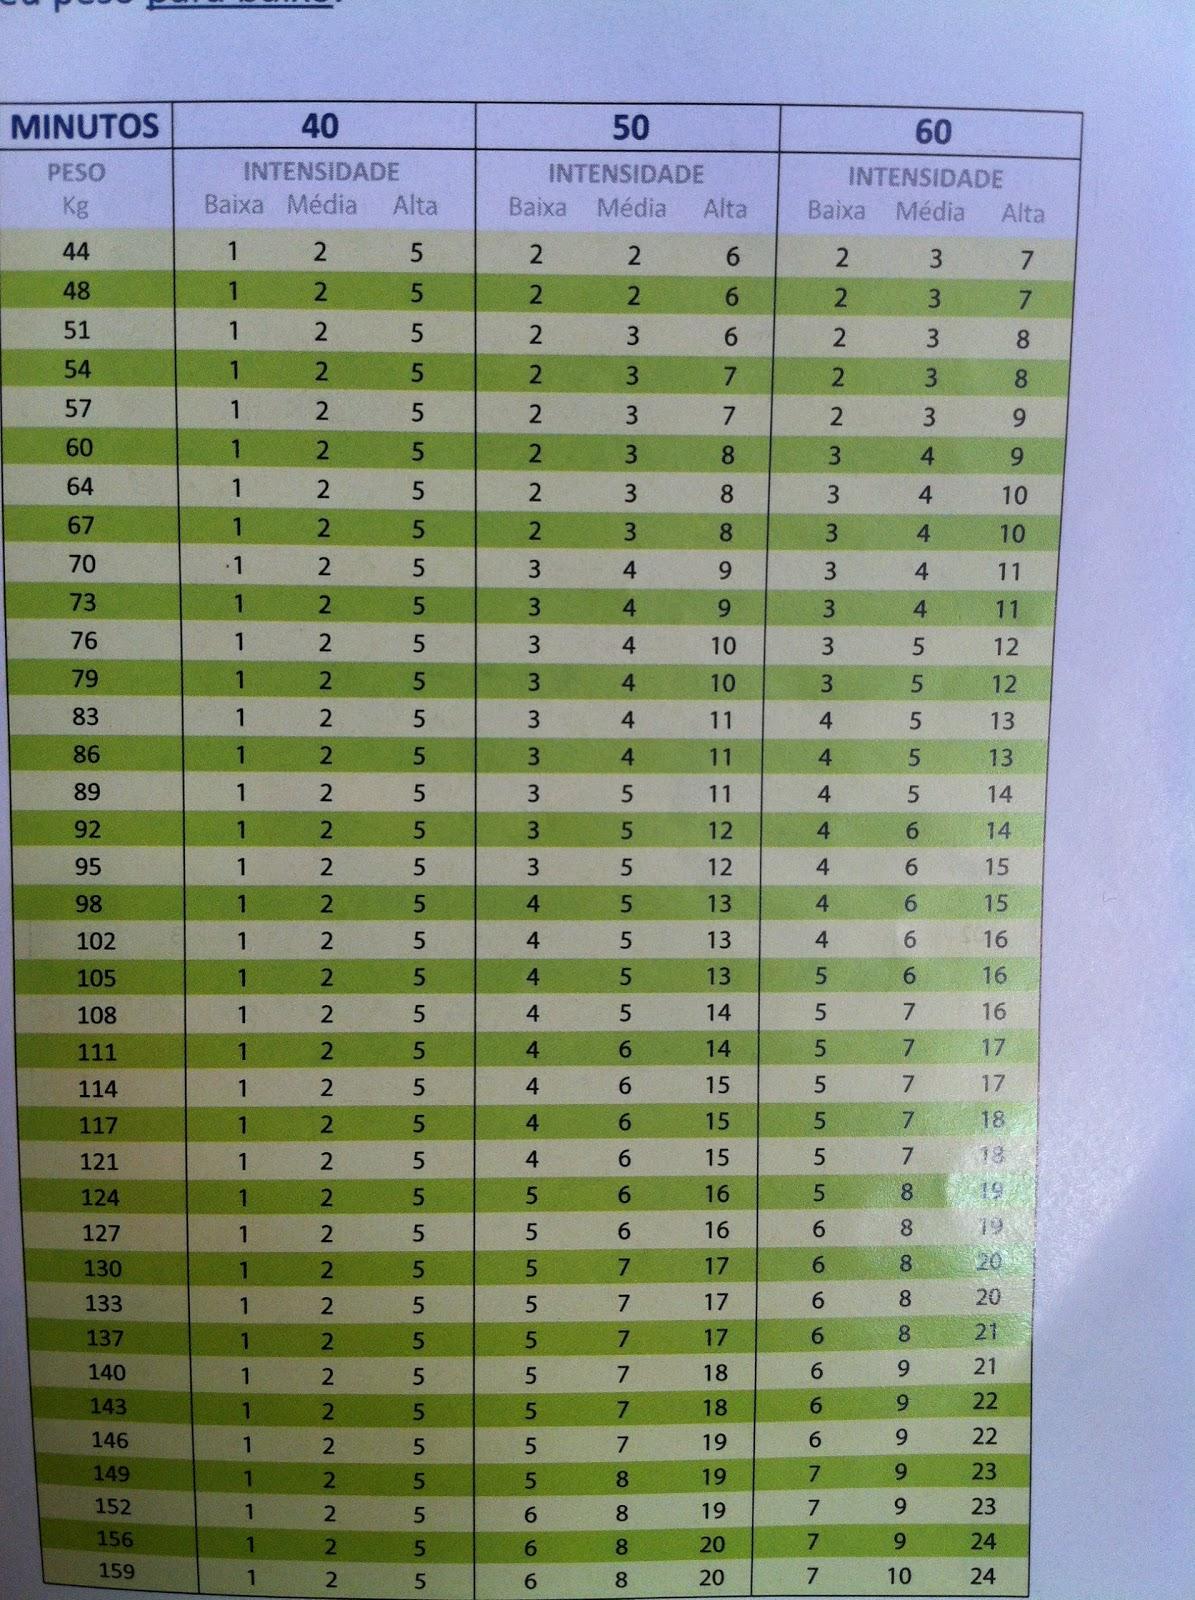 tabela propontos vigilantes do peso